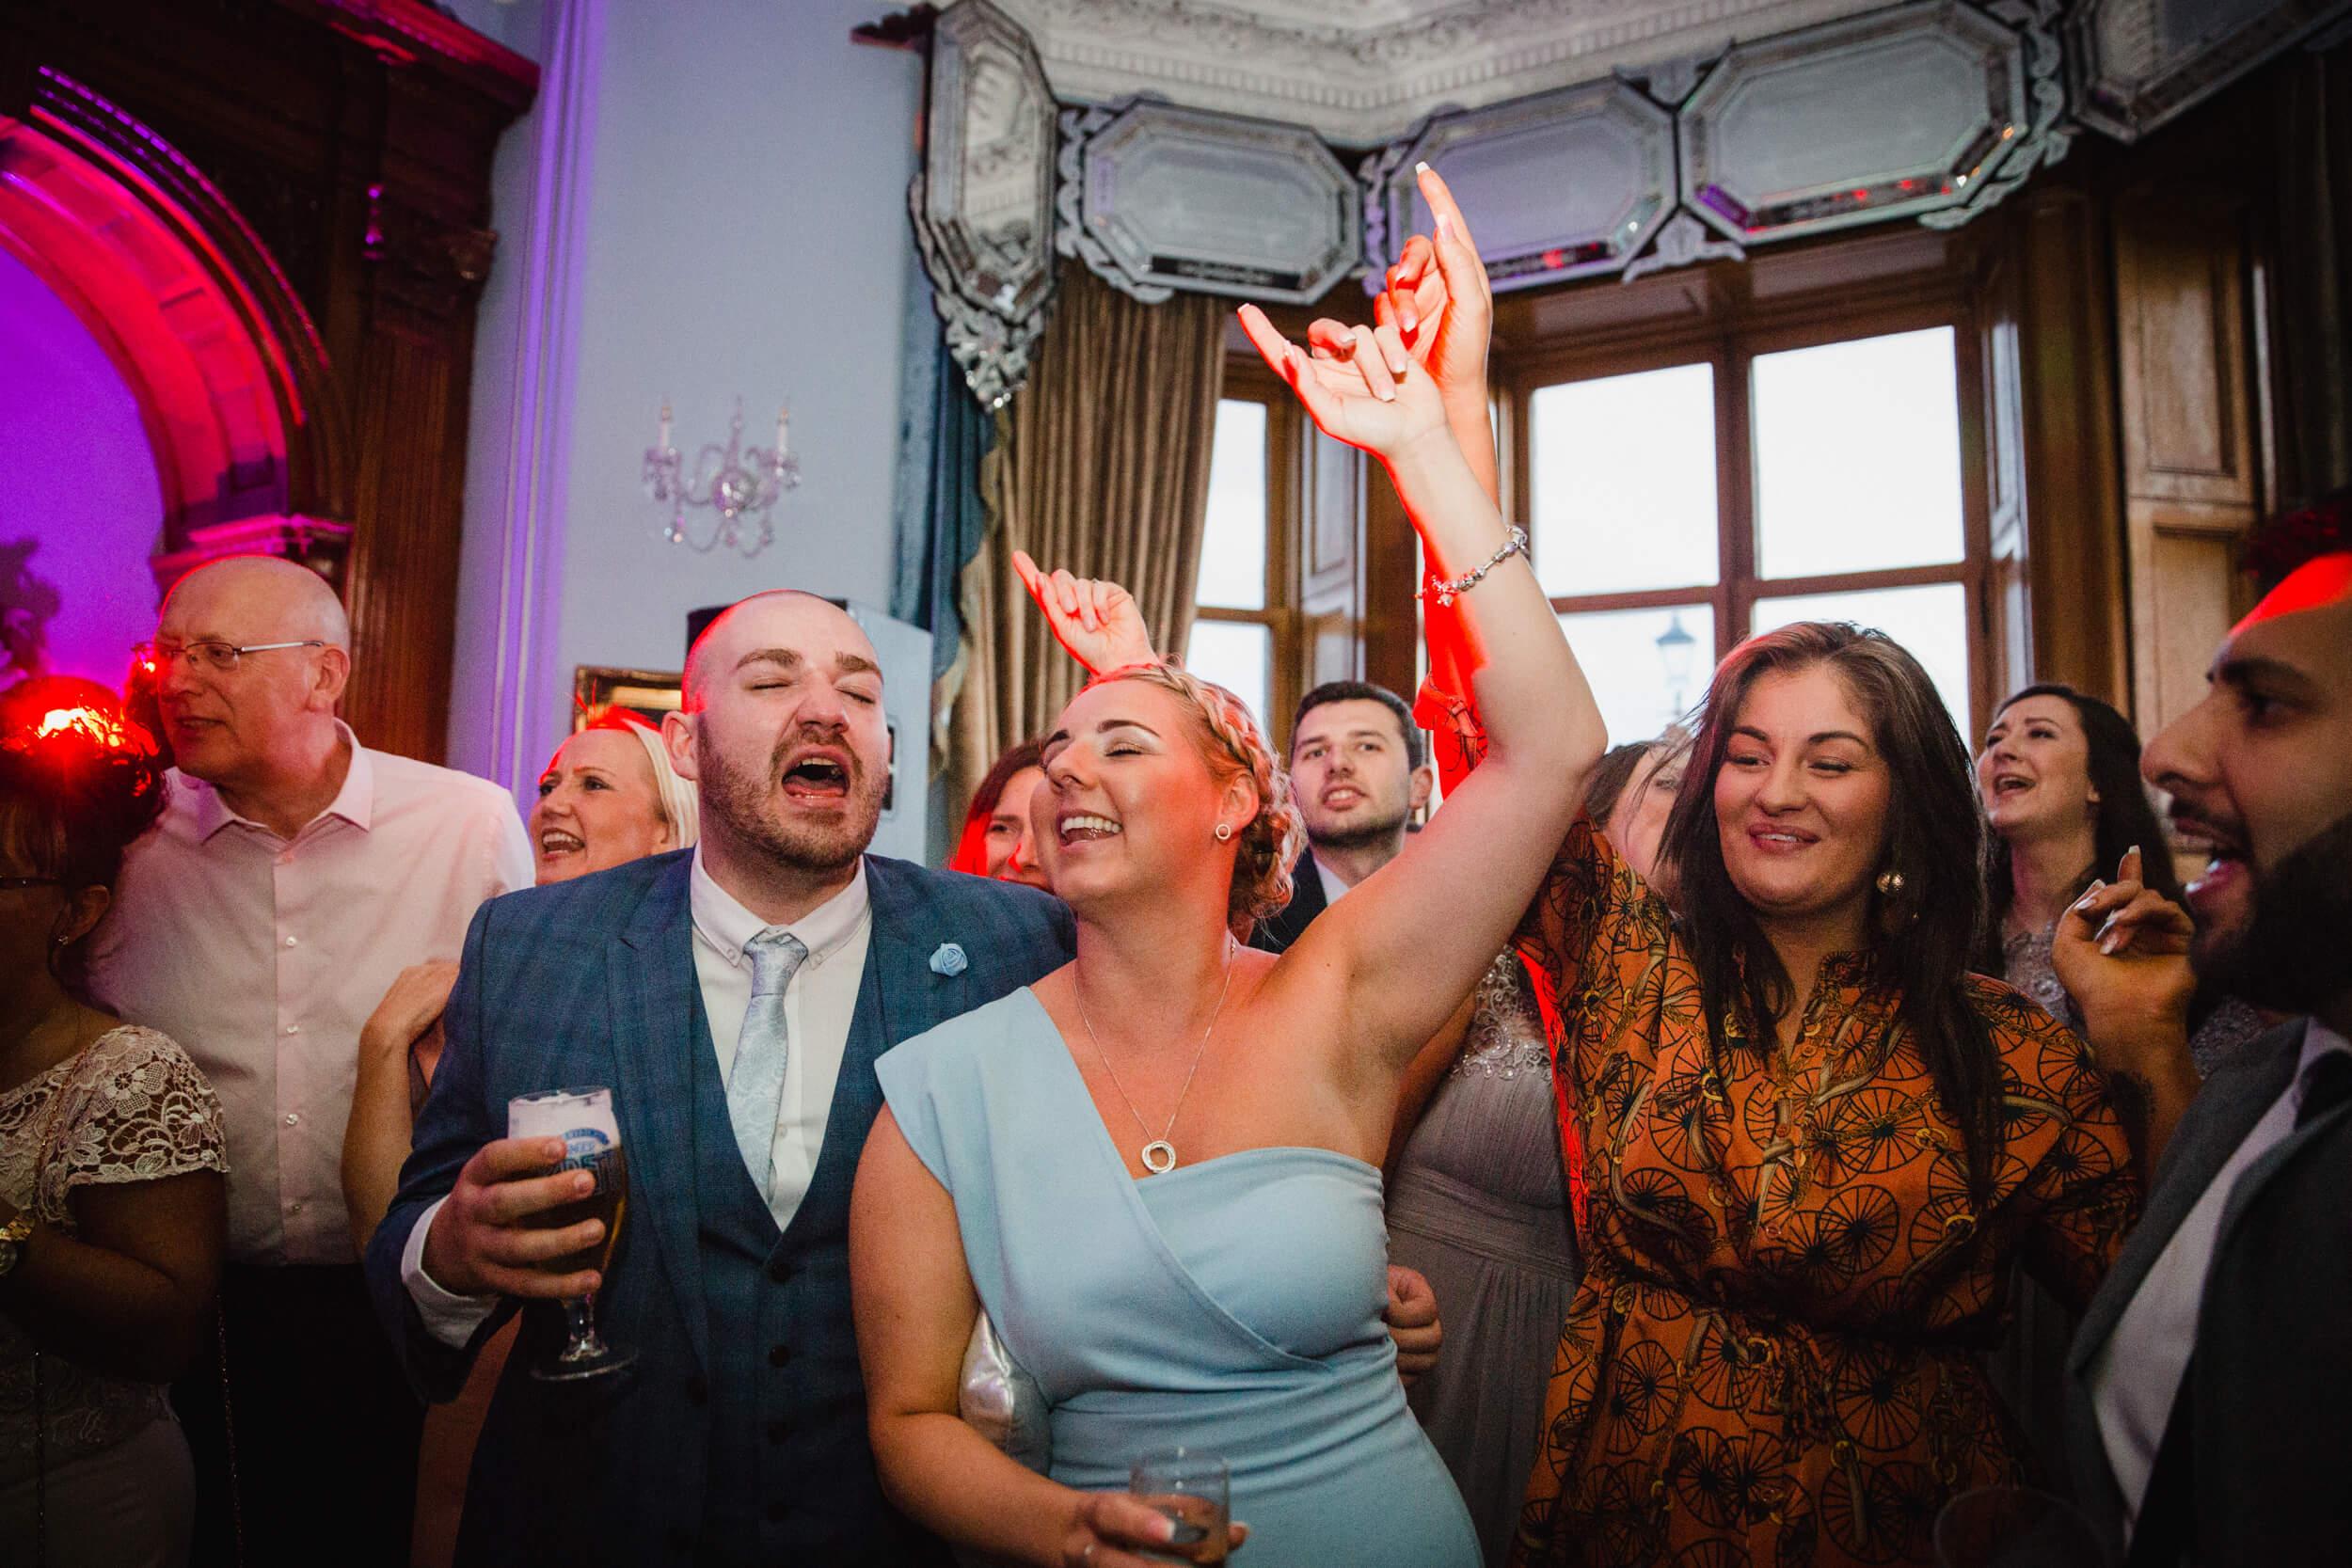 wedding guests partying on dance floor